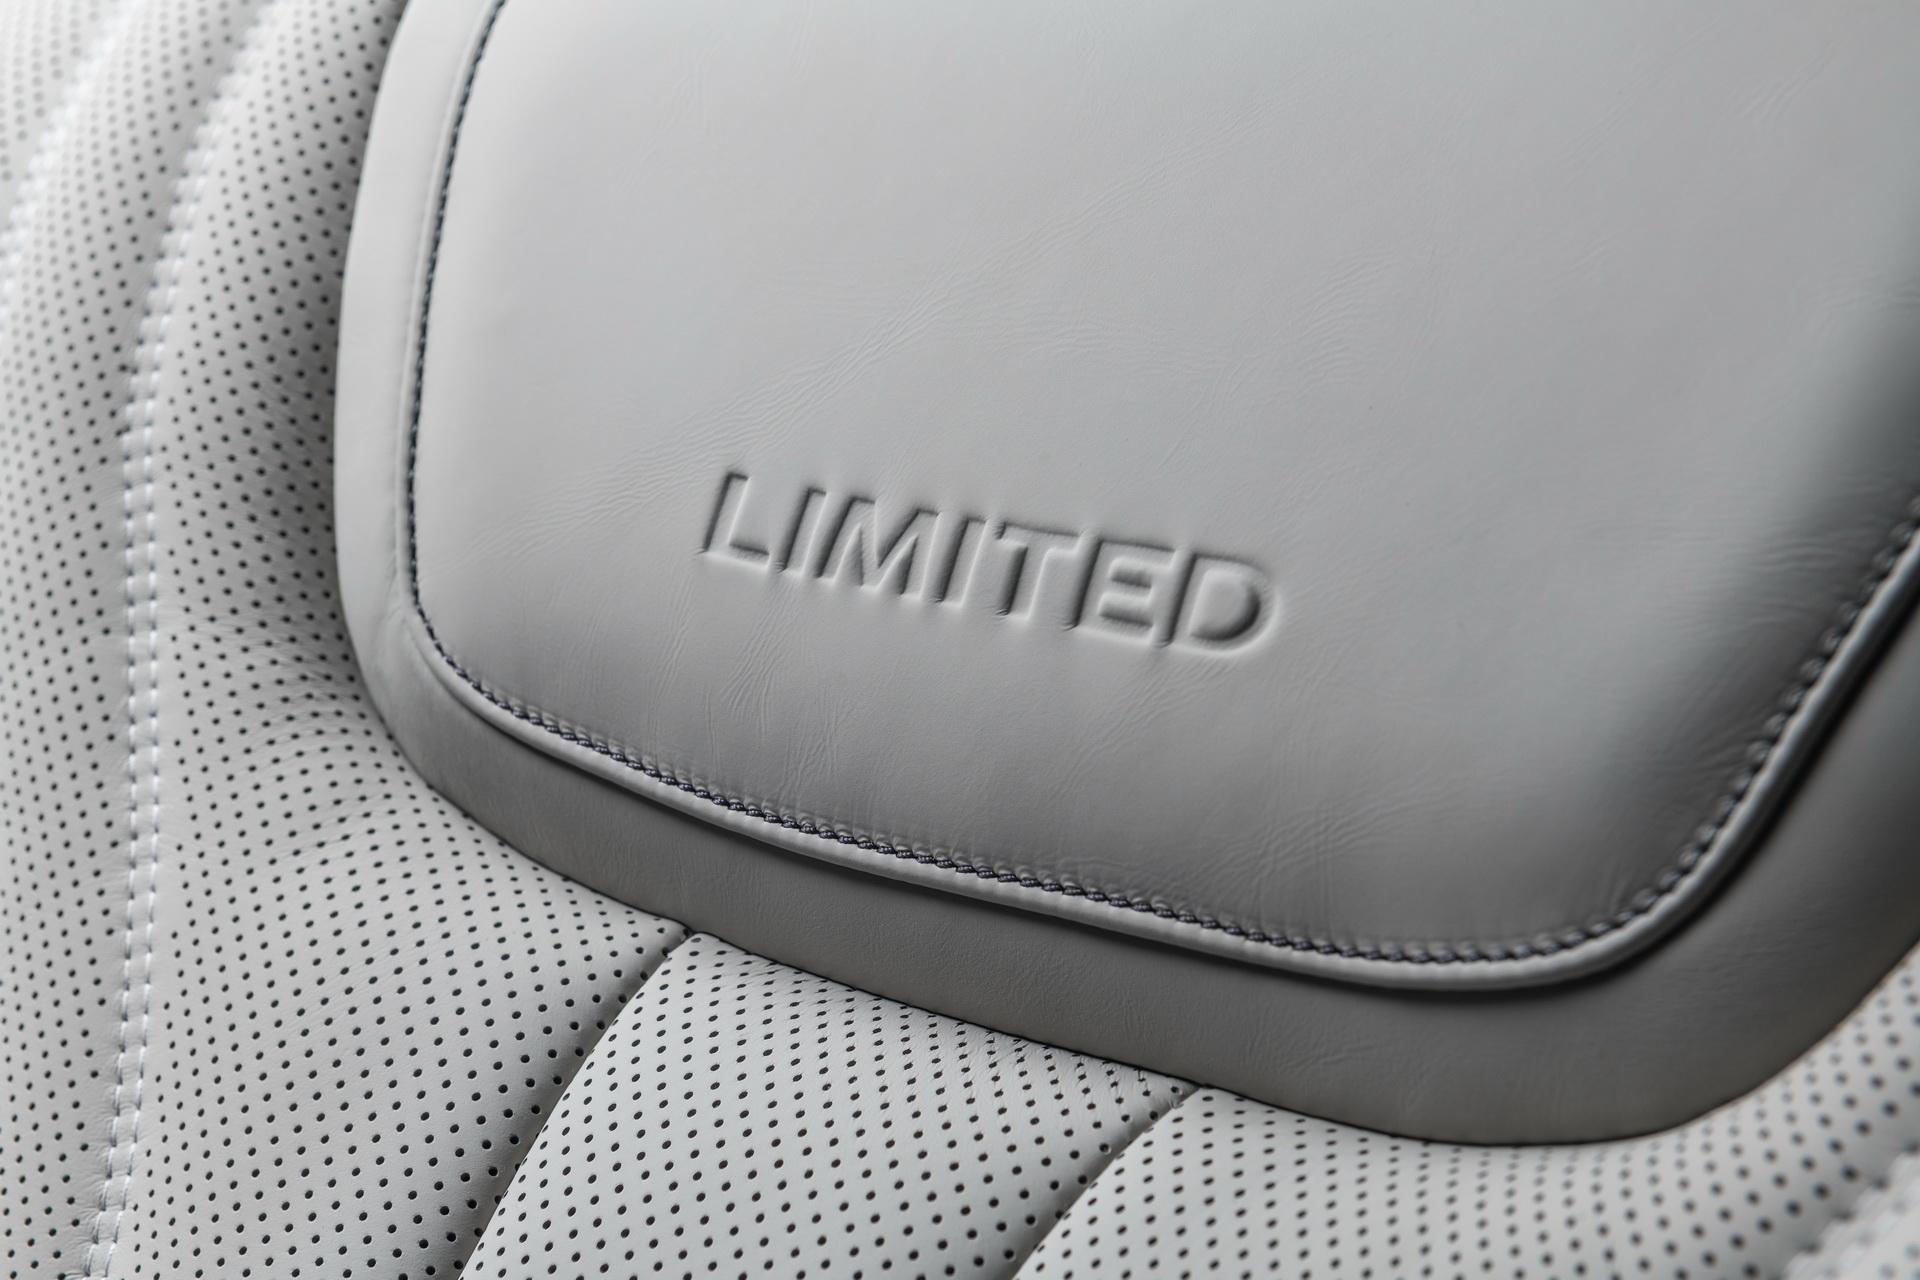 2019-INFINITI-QX80-LIMITED-17